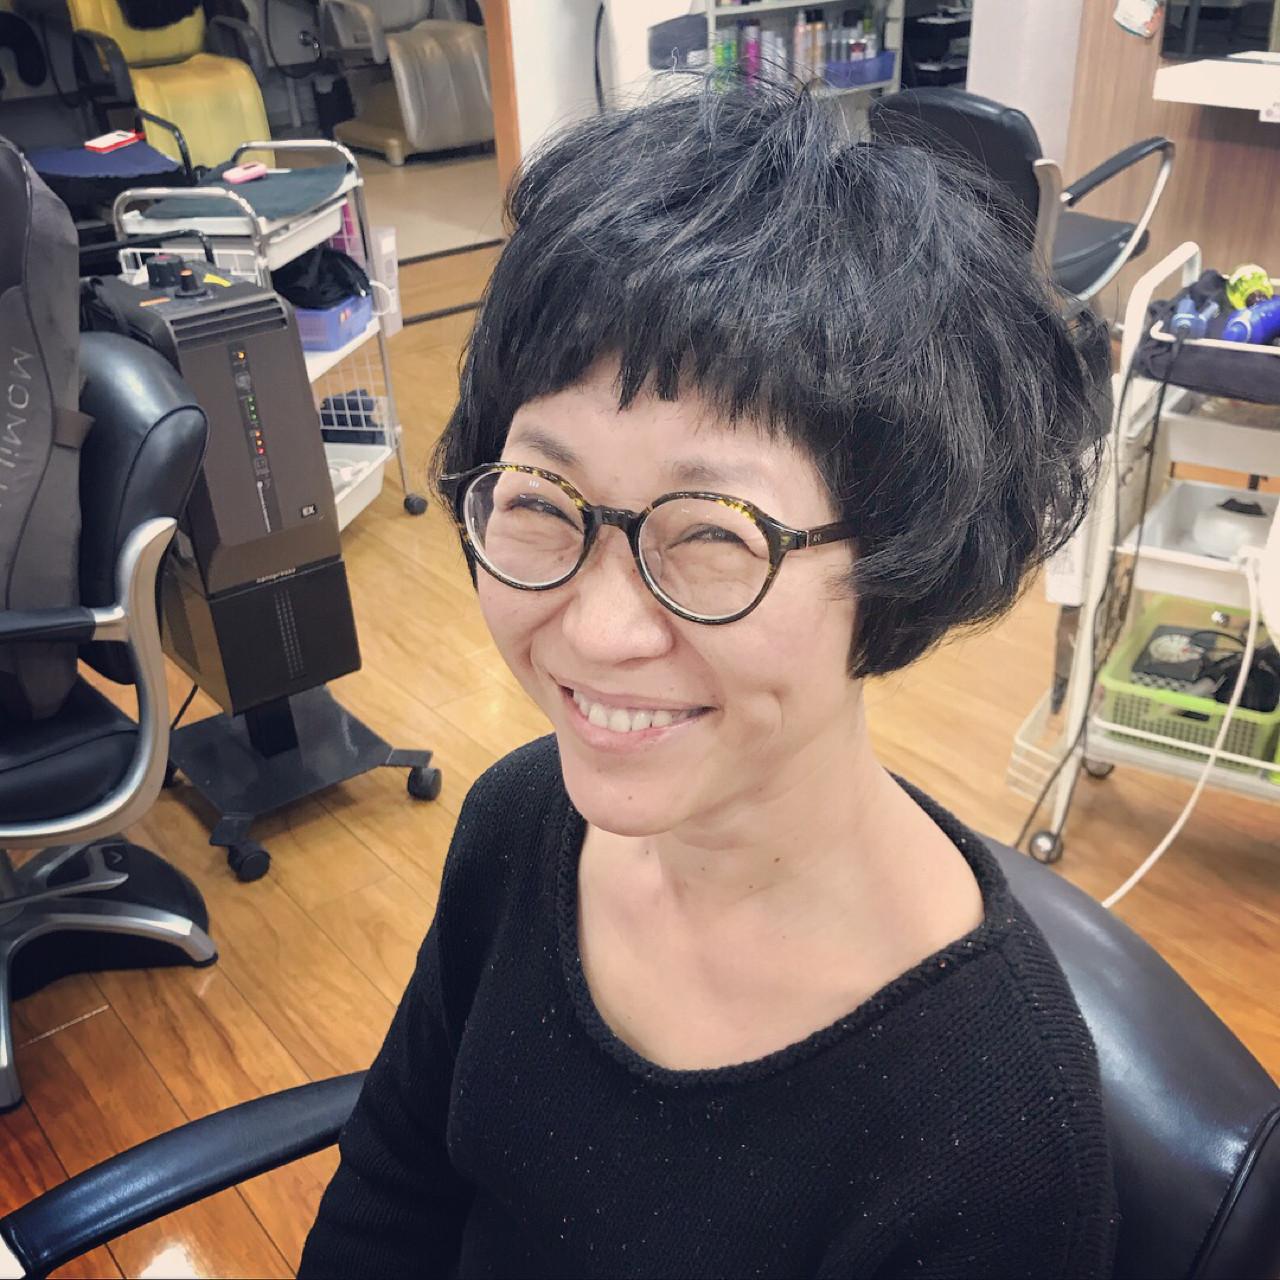 マッシュ ヘアアレンジ ショート アウトドア ヘアスタイルや髪型の写真・画像